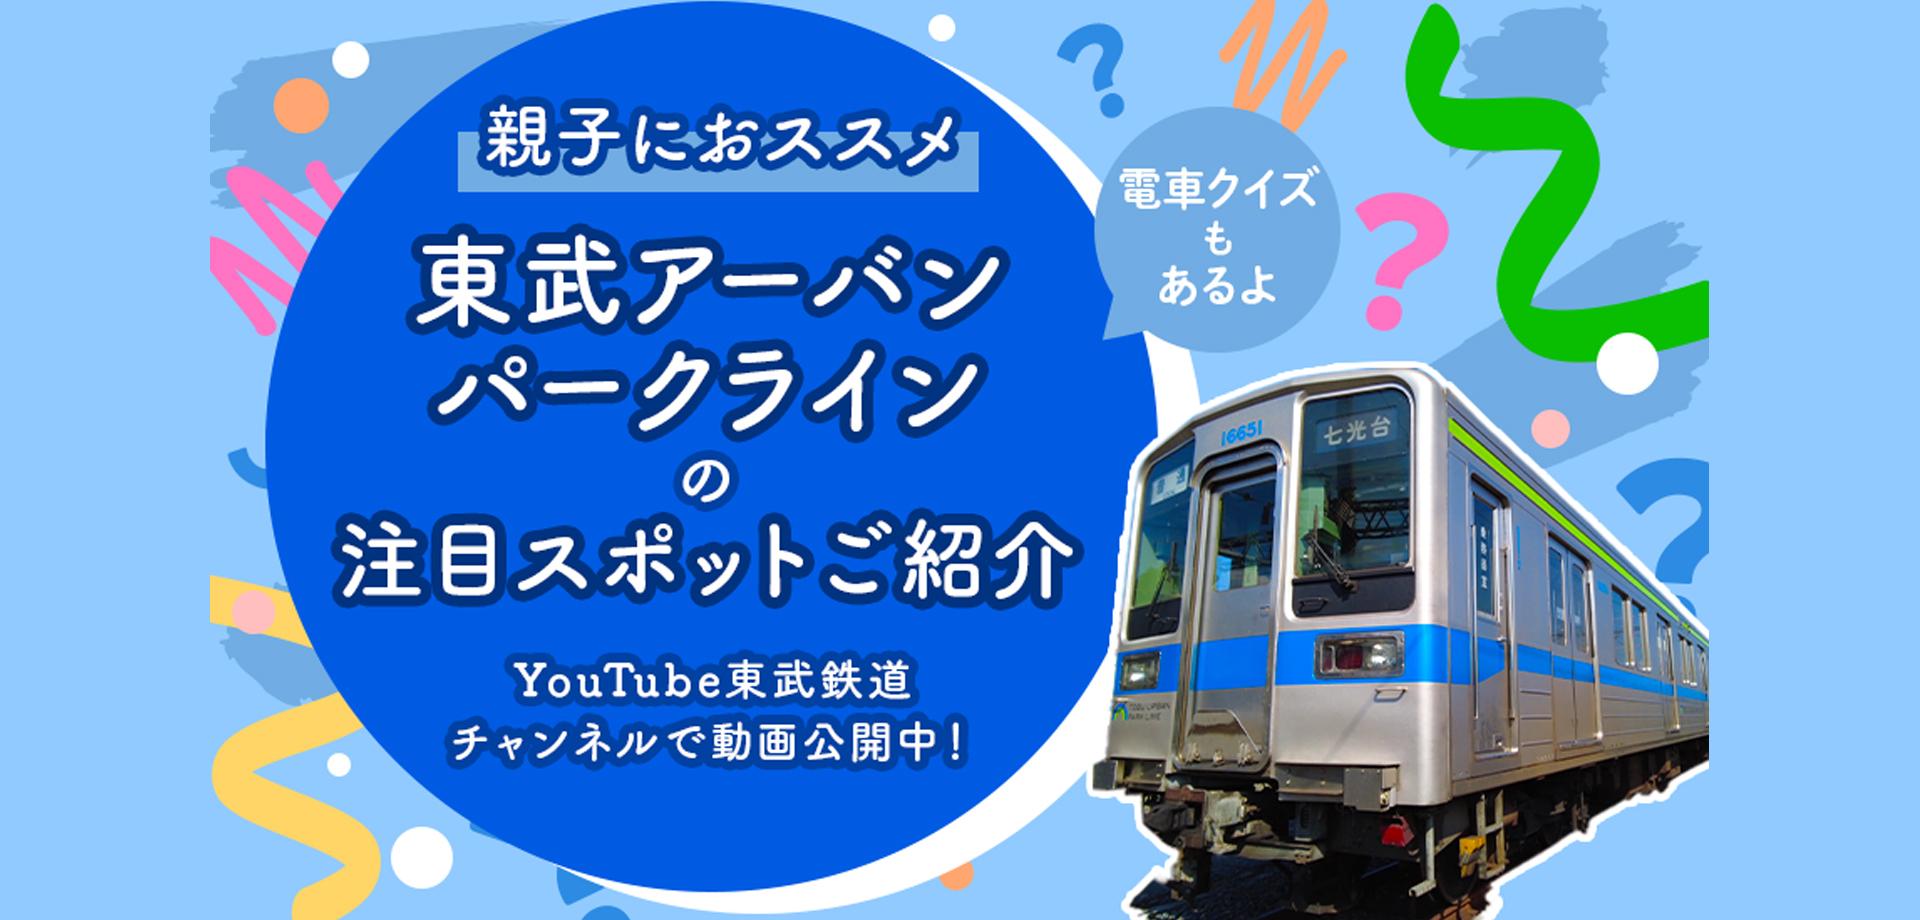 東武アーバンパークライン「東武チャンネル」